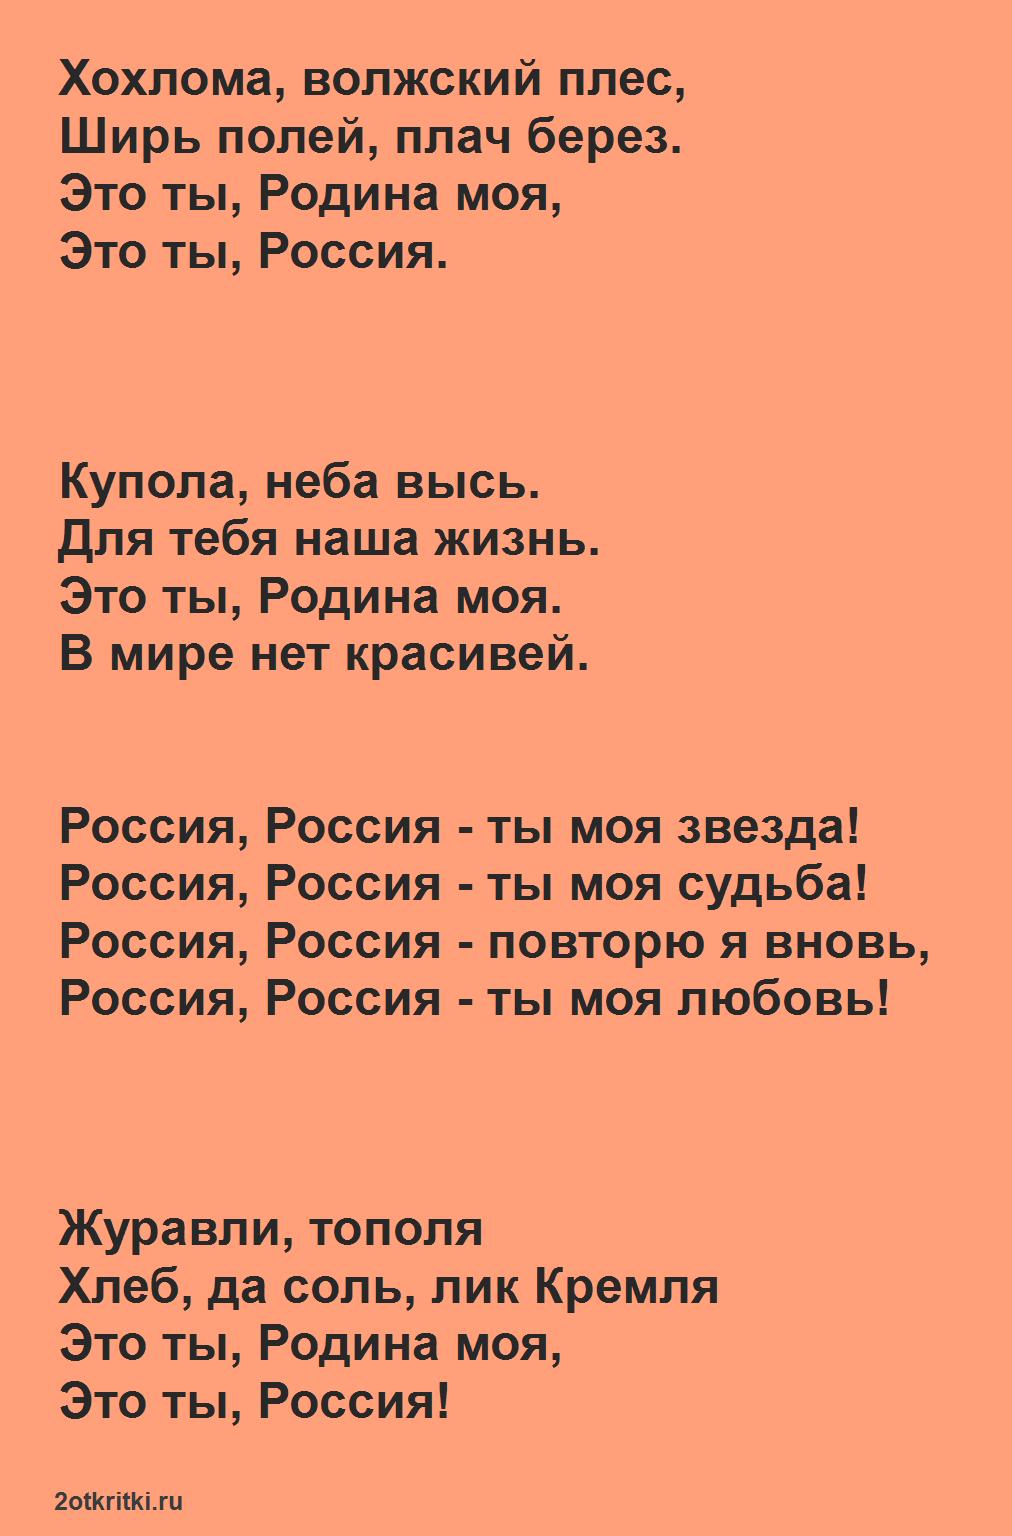 Песни к 23 февраля для детей - Россия, ты моя звезда